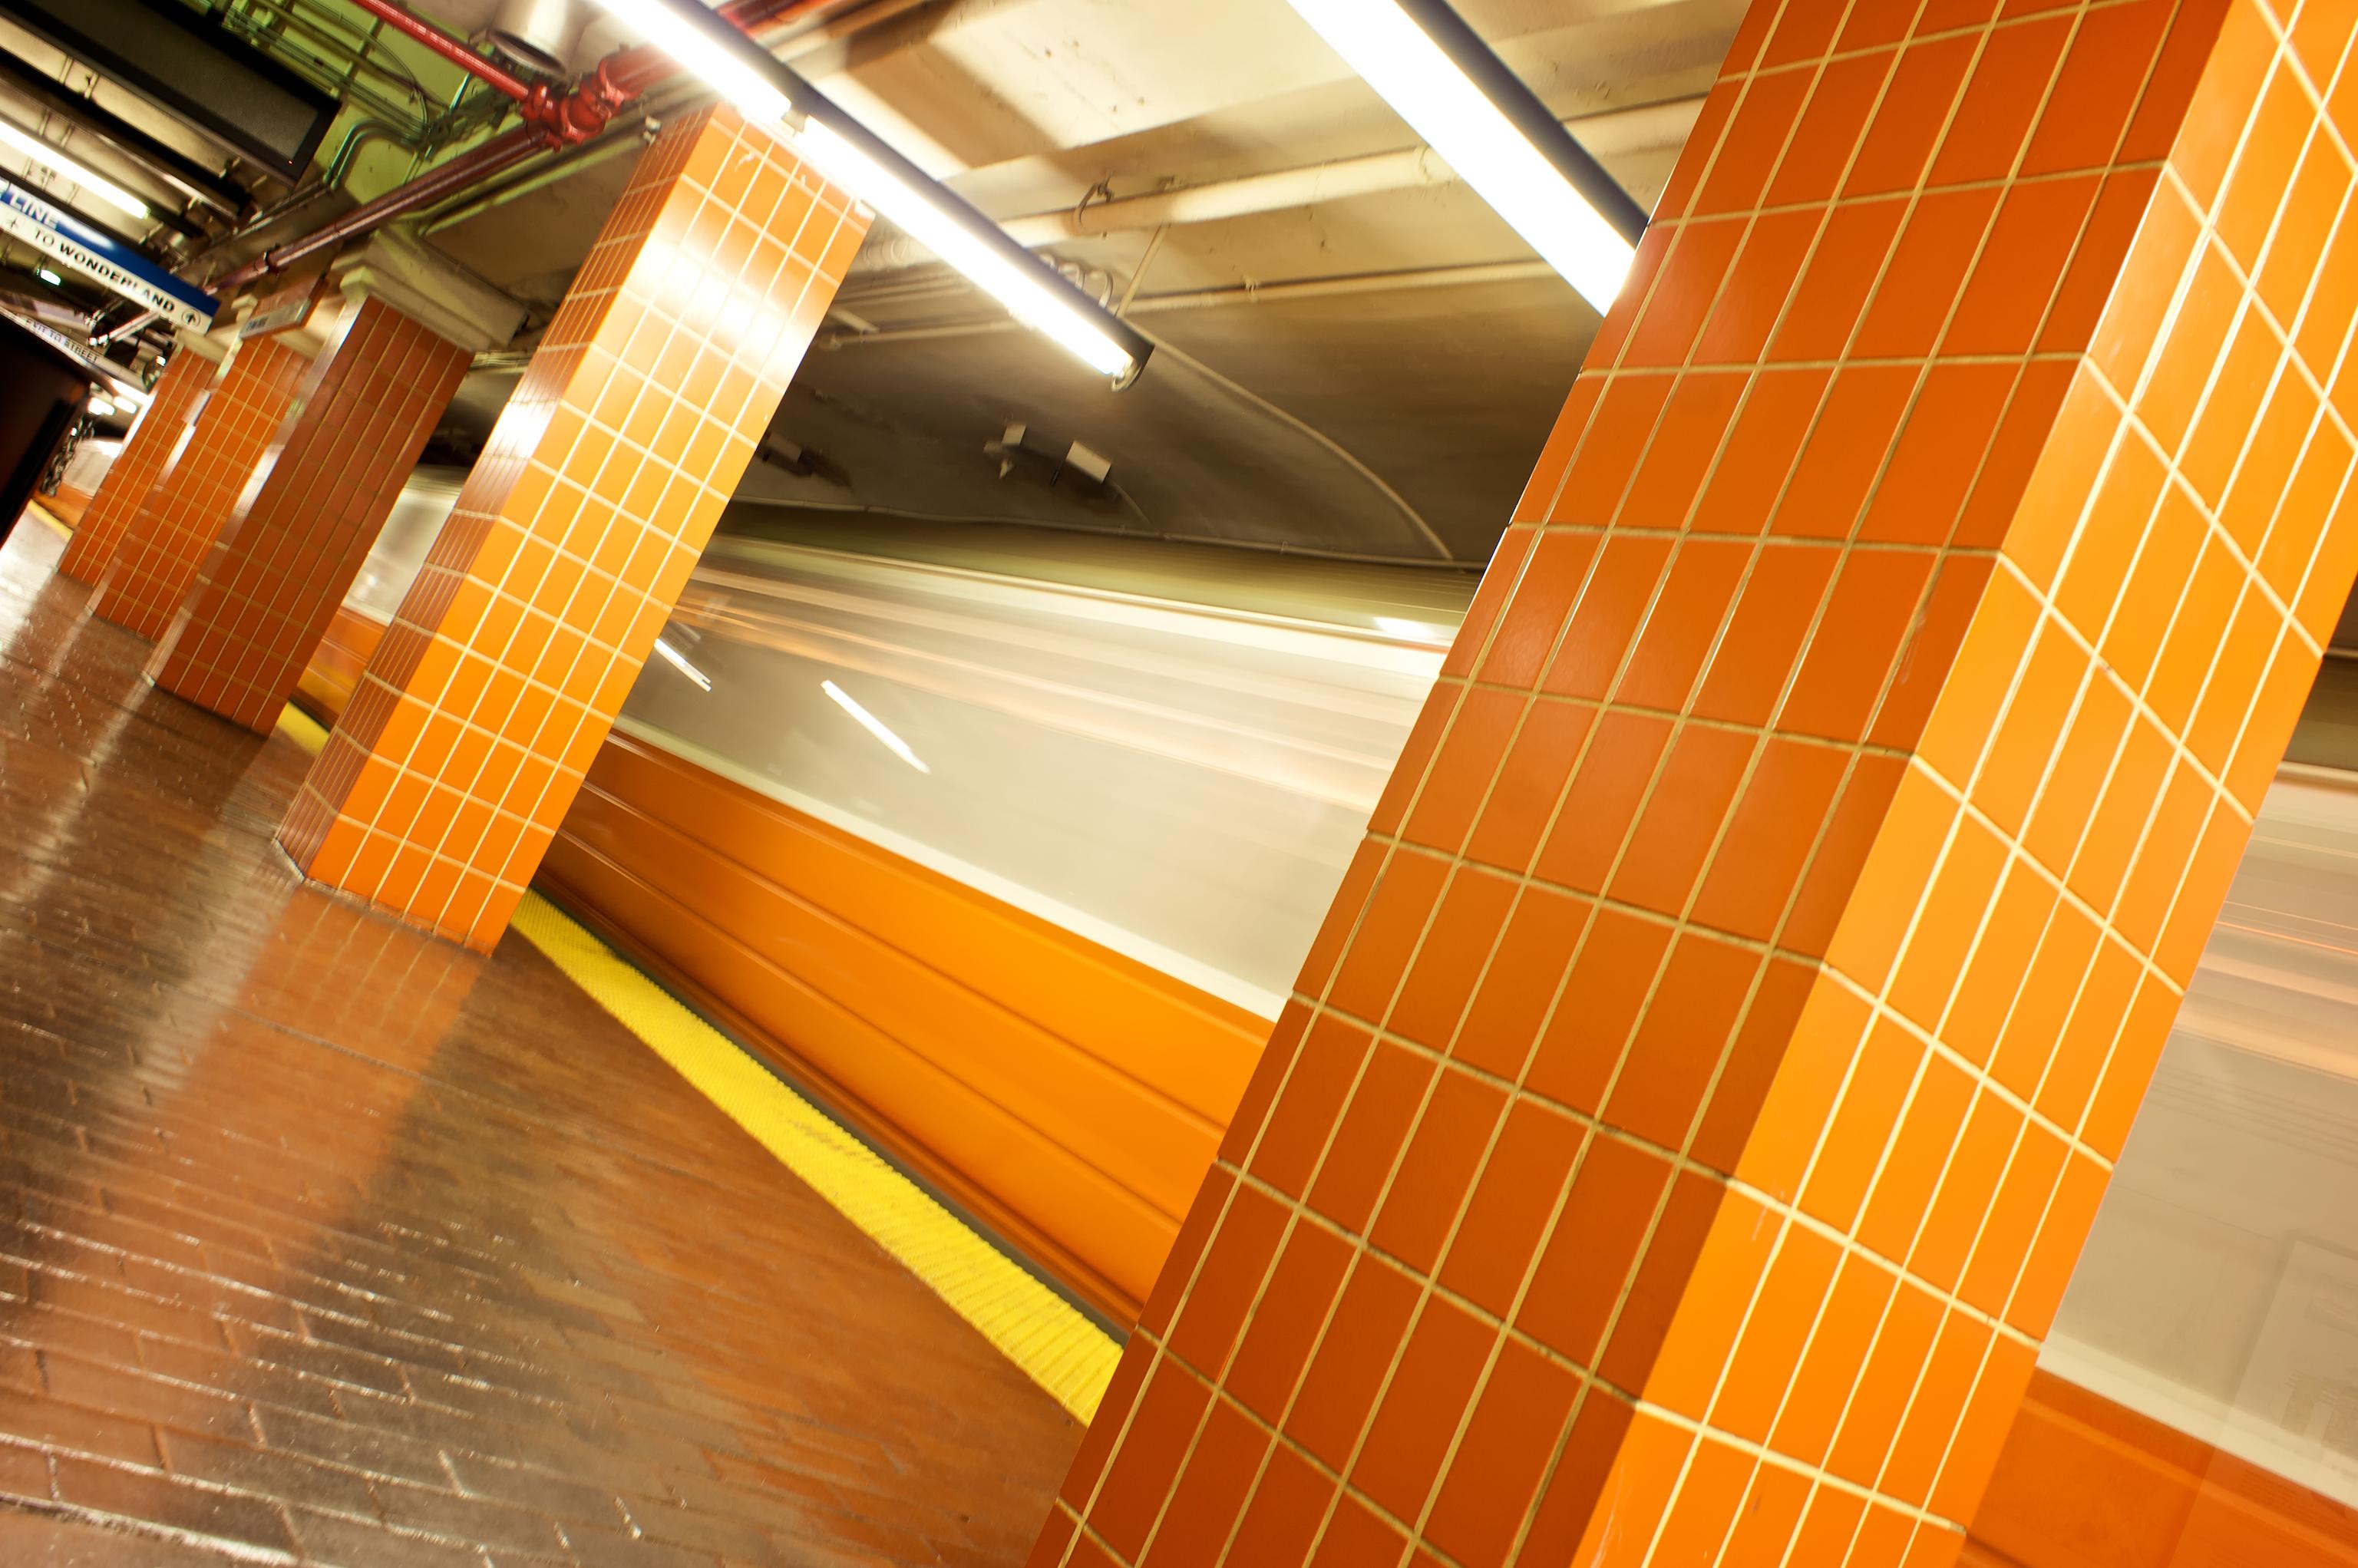 Boston's Orange Line zipping through a station.